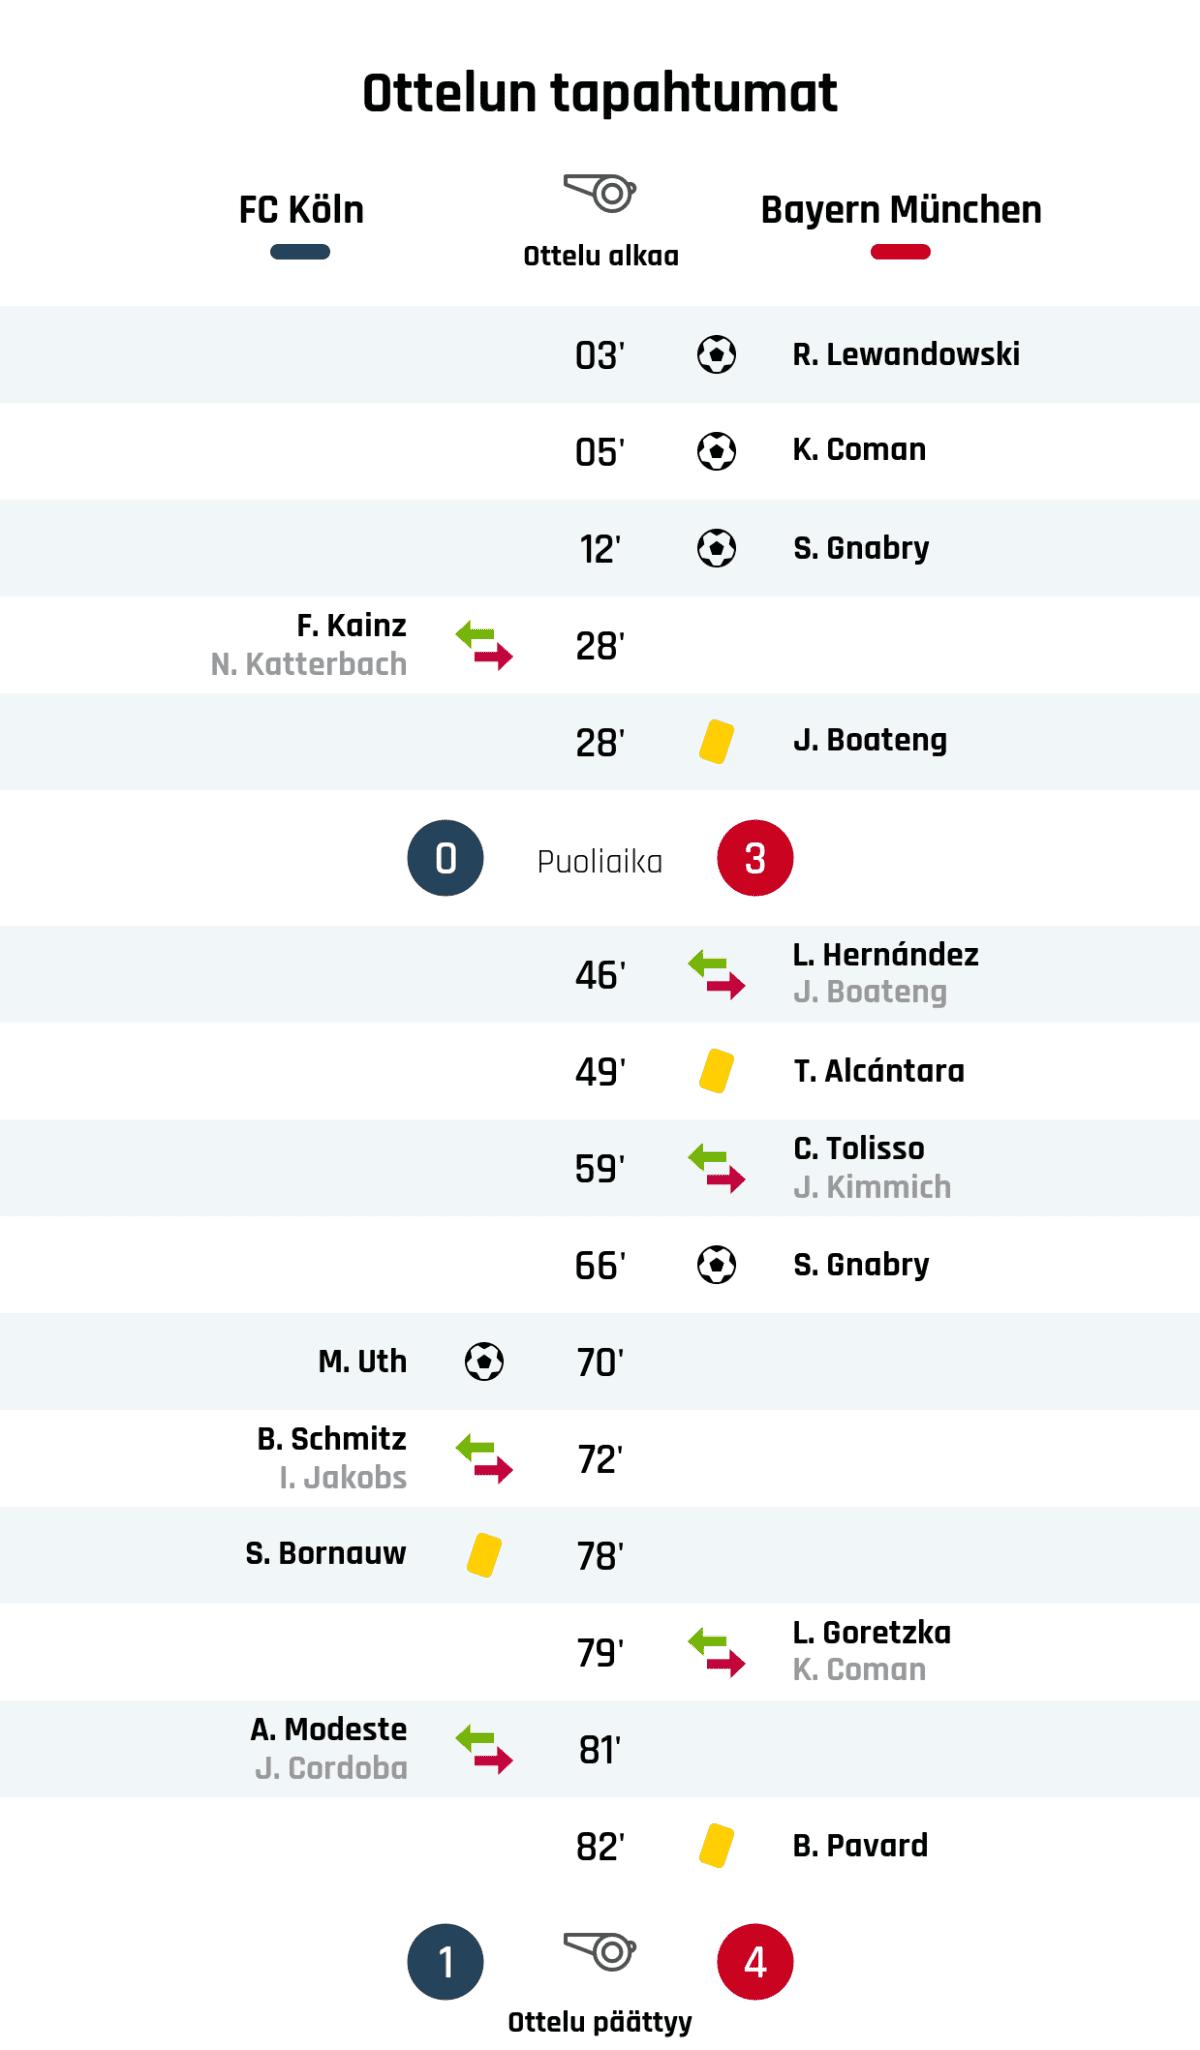 03' Maali Bayern Münchenille: R. Lewandowski 05' Maali Bayern Münchenille: K. Coman 12' Maali Bayern Münchenille: S. Gnabry 28' FC Kölnin vaihto: sisään F. Kainz, ulos N. Katterbach 28' Keltainen kortti: J. Boateng, Bayern München Puoliajan tulos: FC Köln 0, Bayern München 3 46' Bayern Münchenin vaihto: sisään L. Hernández, ulos J. Boateng 49' Keltainen kortti: T. Alcántara, Bayern München 59' Bayern Münchenin vaihto: sisään C. Tolisso, ulos J. Kimmich 66' Maali Bayern Münchenille: S. Gnabry 70' Maali FC Kölnille: M. Uth 72' FC Kölnin vaihto: sisään B. Schmitz, ulos I. Jakobs 78' Keltainen kortti: S. Bornauw, FC Köln 79' Bayern Münchenin vaihto: sisään L. Goretzka, ulos K. Coman 81' FC Kölnin vaihto: sisään A. Modeste, ulos J. Cordoba 82' Keltainen kortti: B. Pavard, Bayern München Lopputulos: FC Köln 1, Bayern München 4